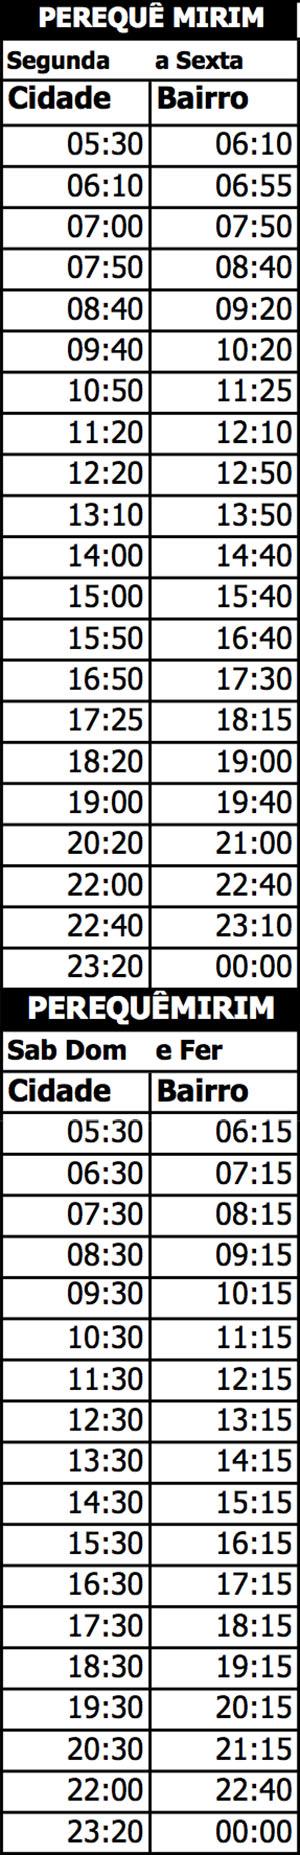 PerequeMirim